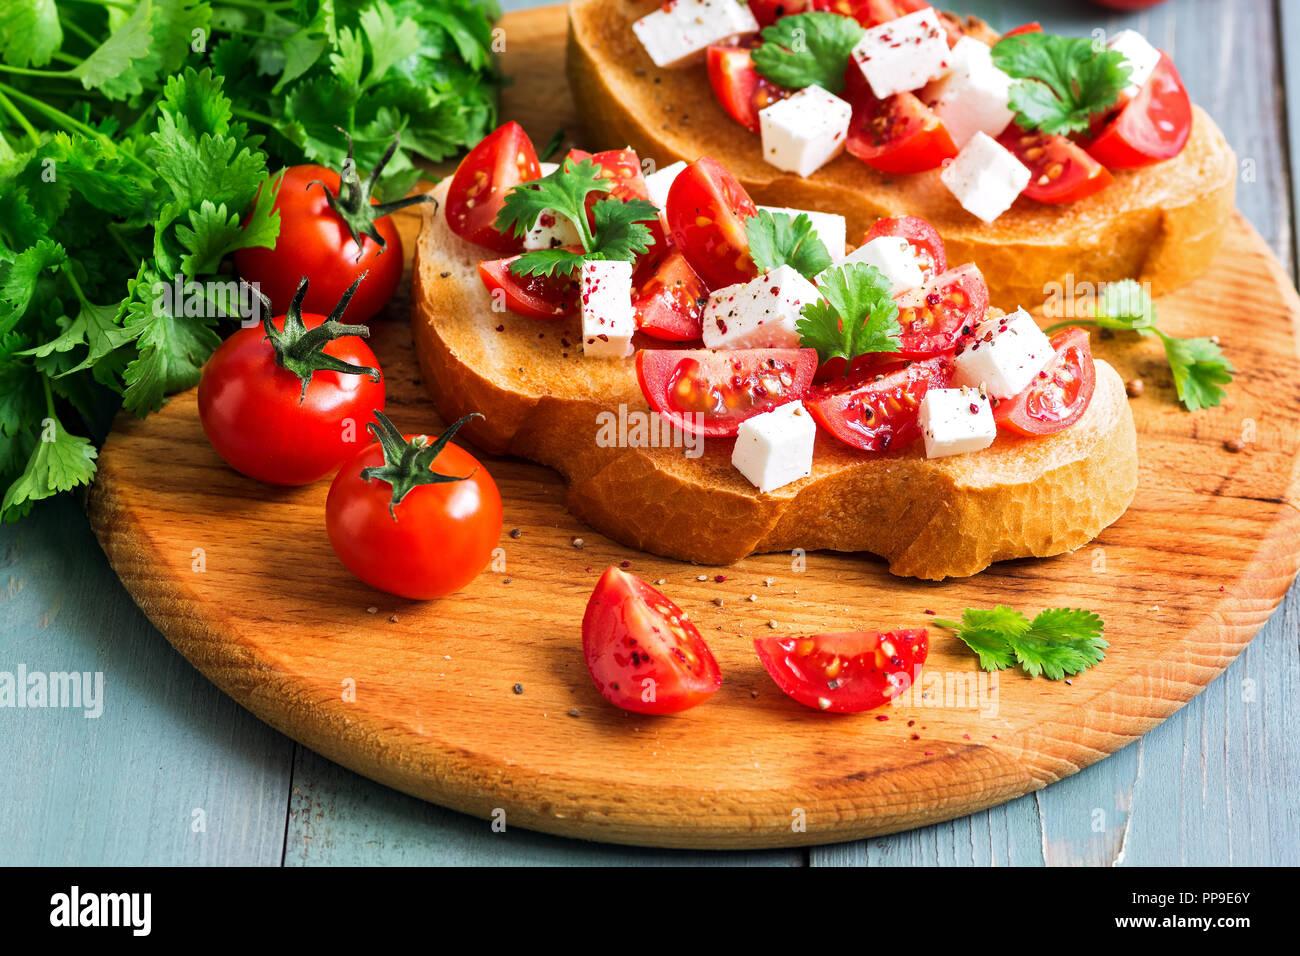 Bruschetta con pomodoro, formaggio e verdure su fette di pane abbrustolito. La cucina italiana tradizionale. Messa a fuoco selettiva Immagini Stock